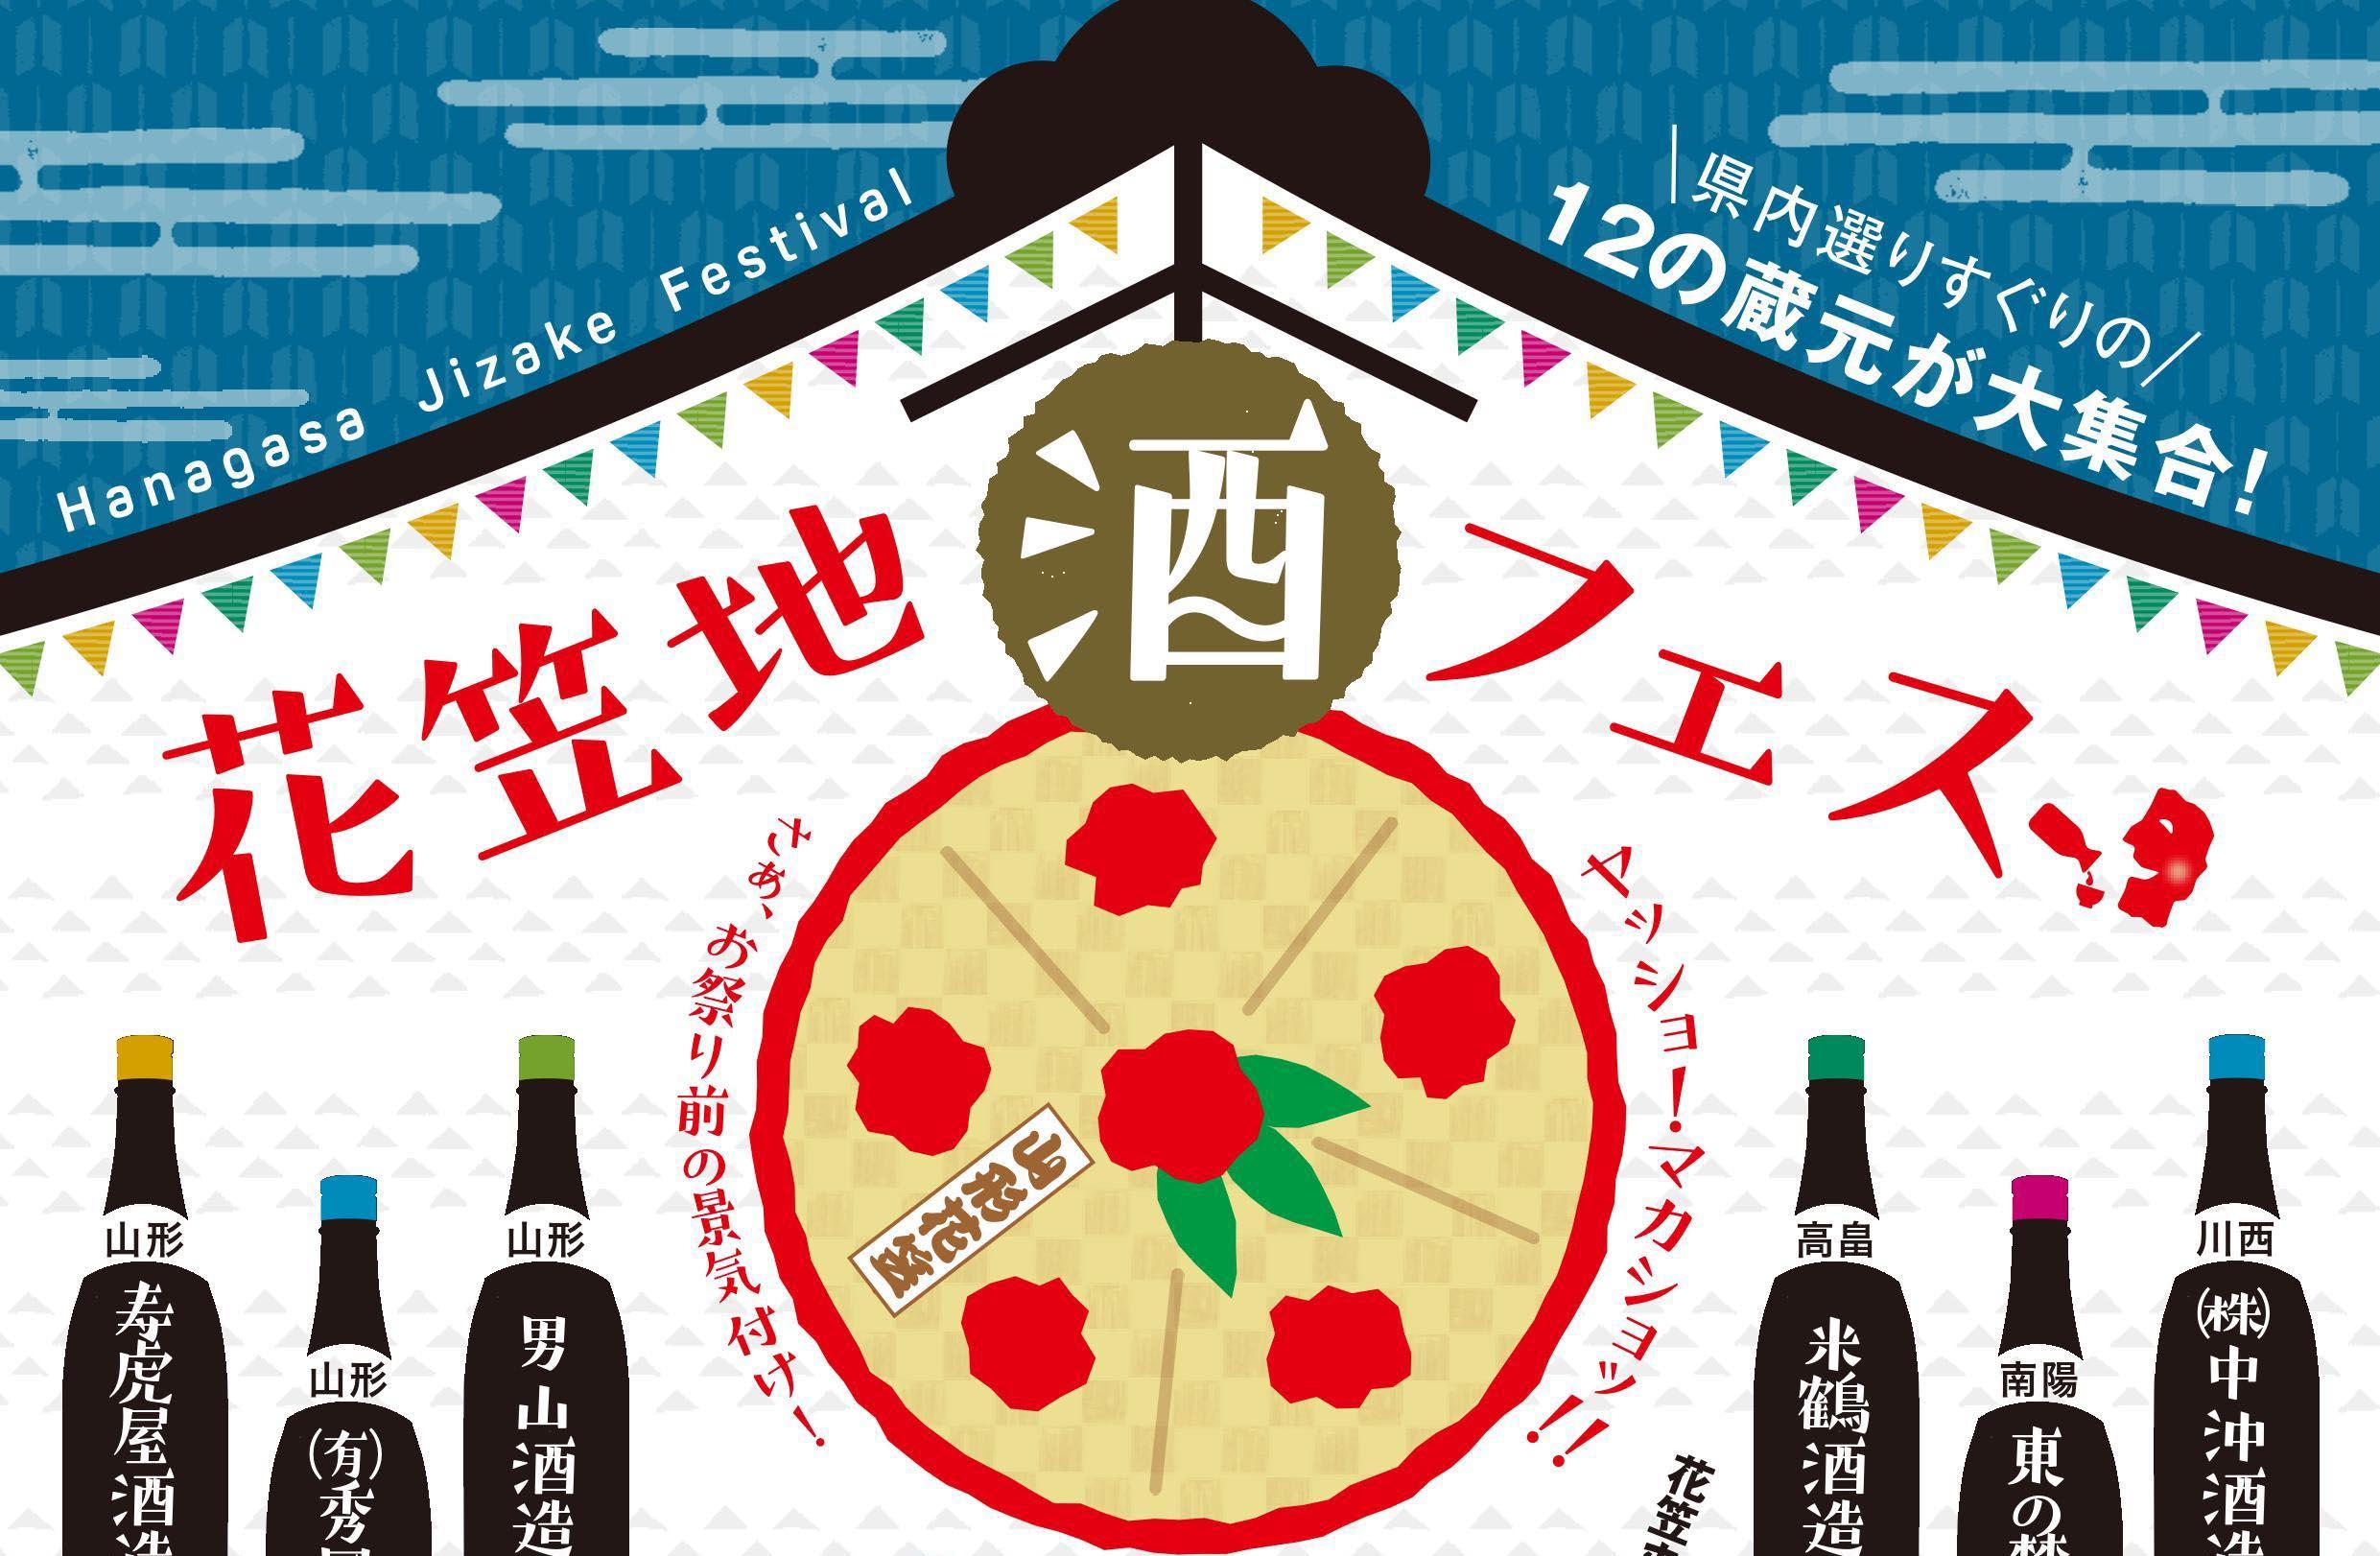 【イベントご案内】花笠地酒フェス:画像